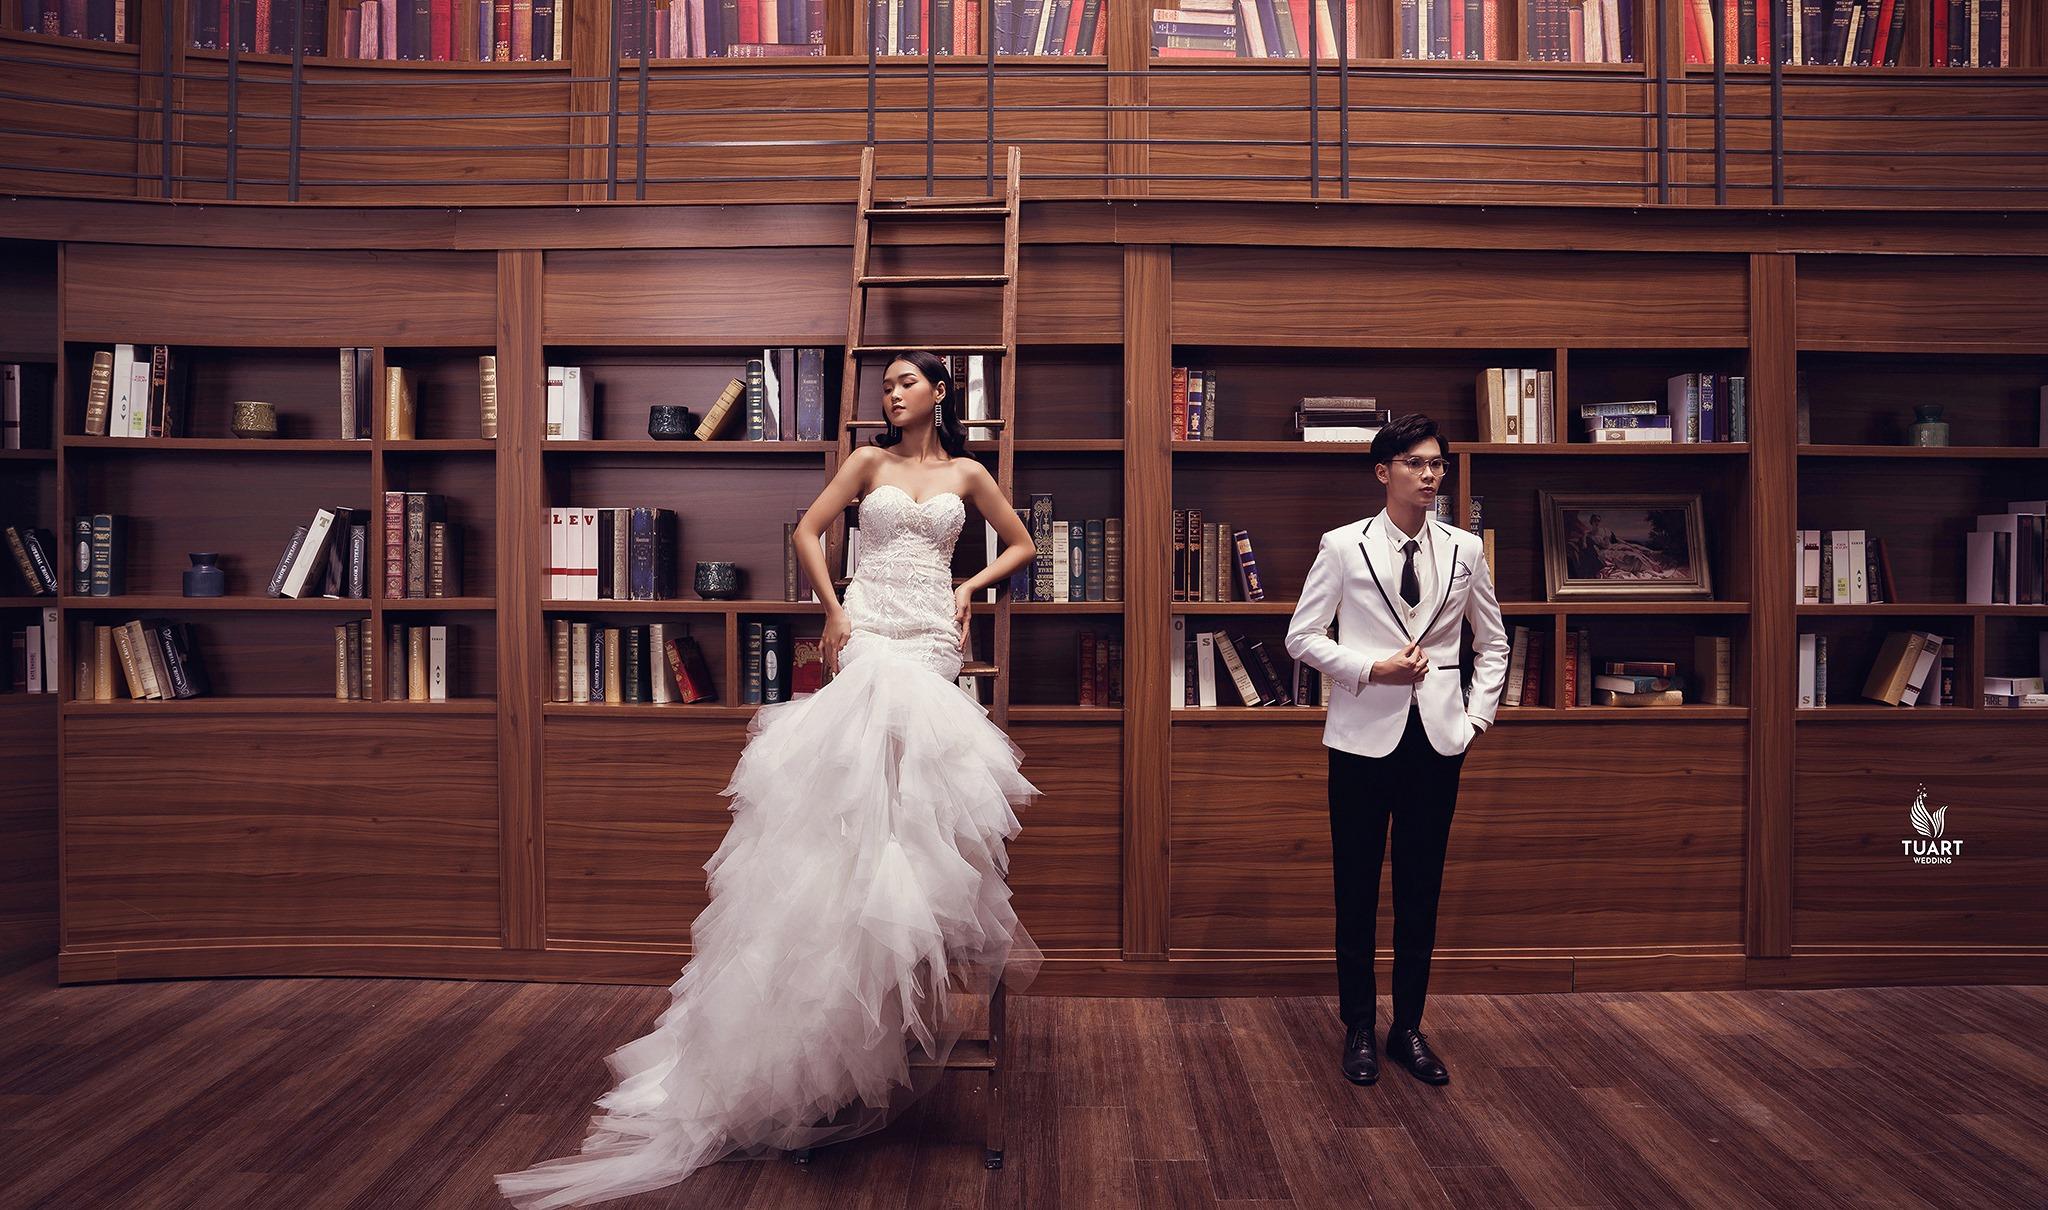 Album chụp ảnh cưới đẹp tại Hà Nội: 5 Graden Studio 3